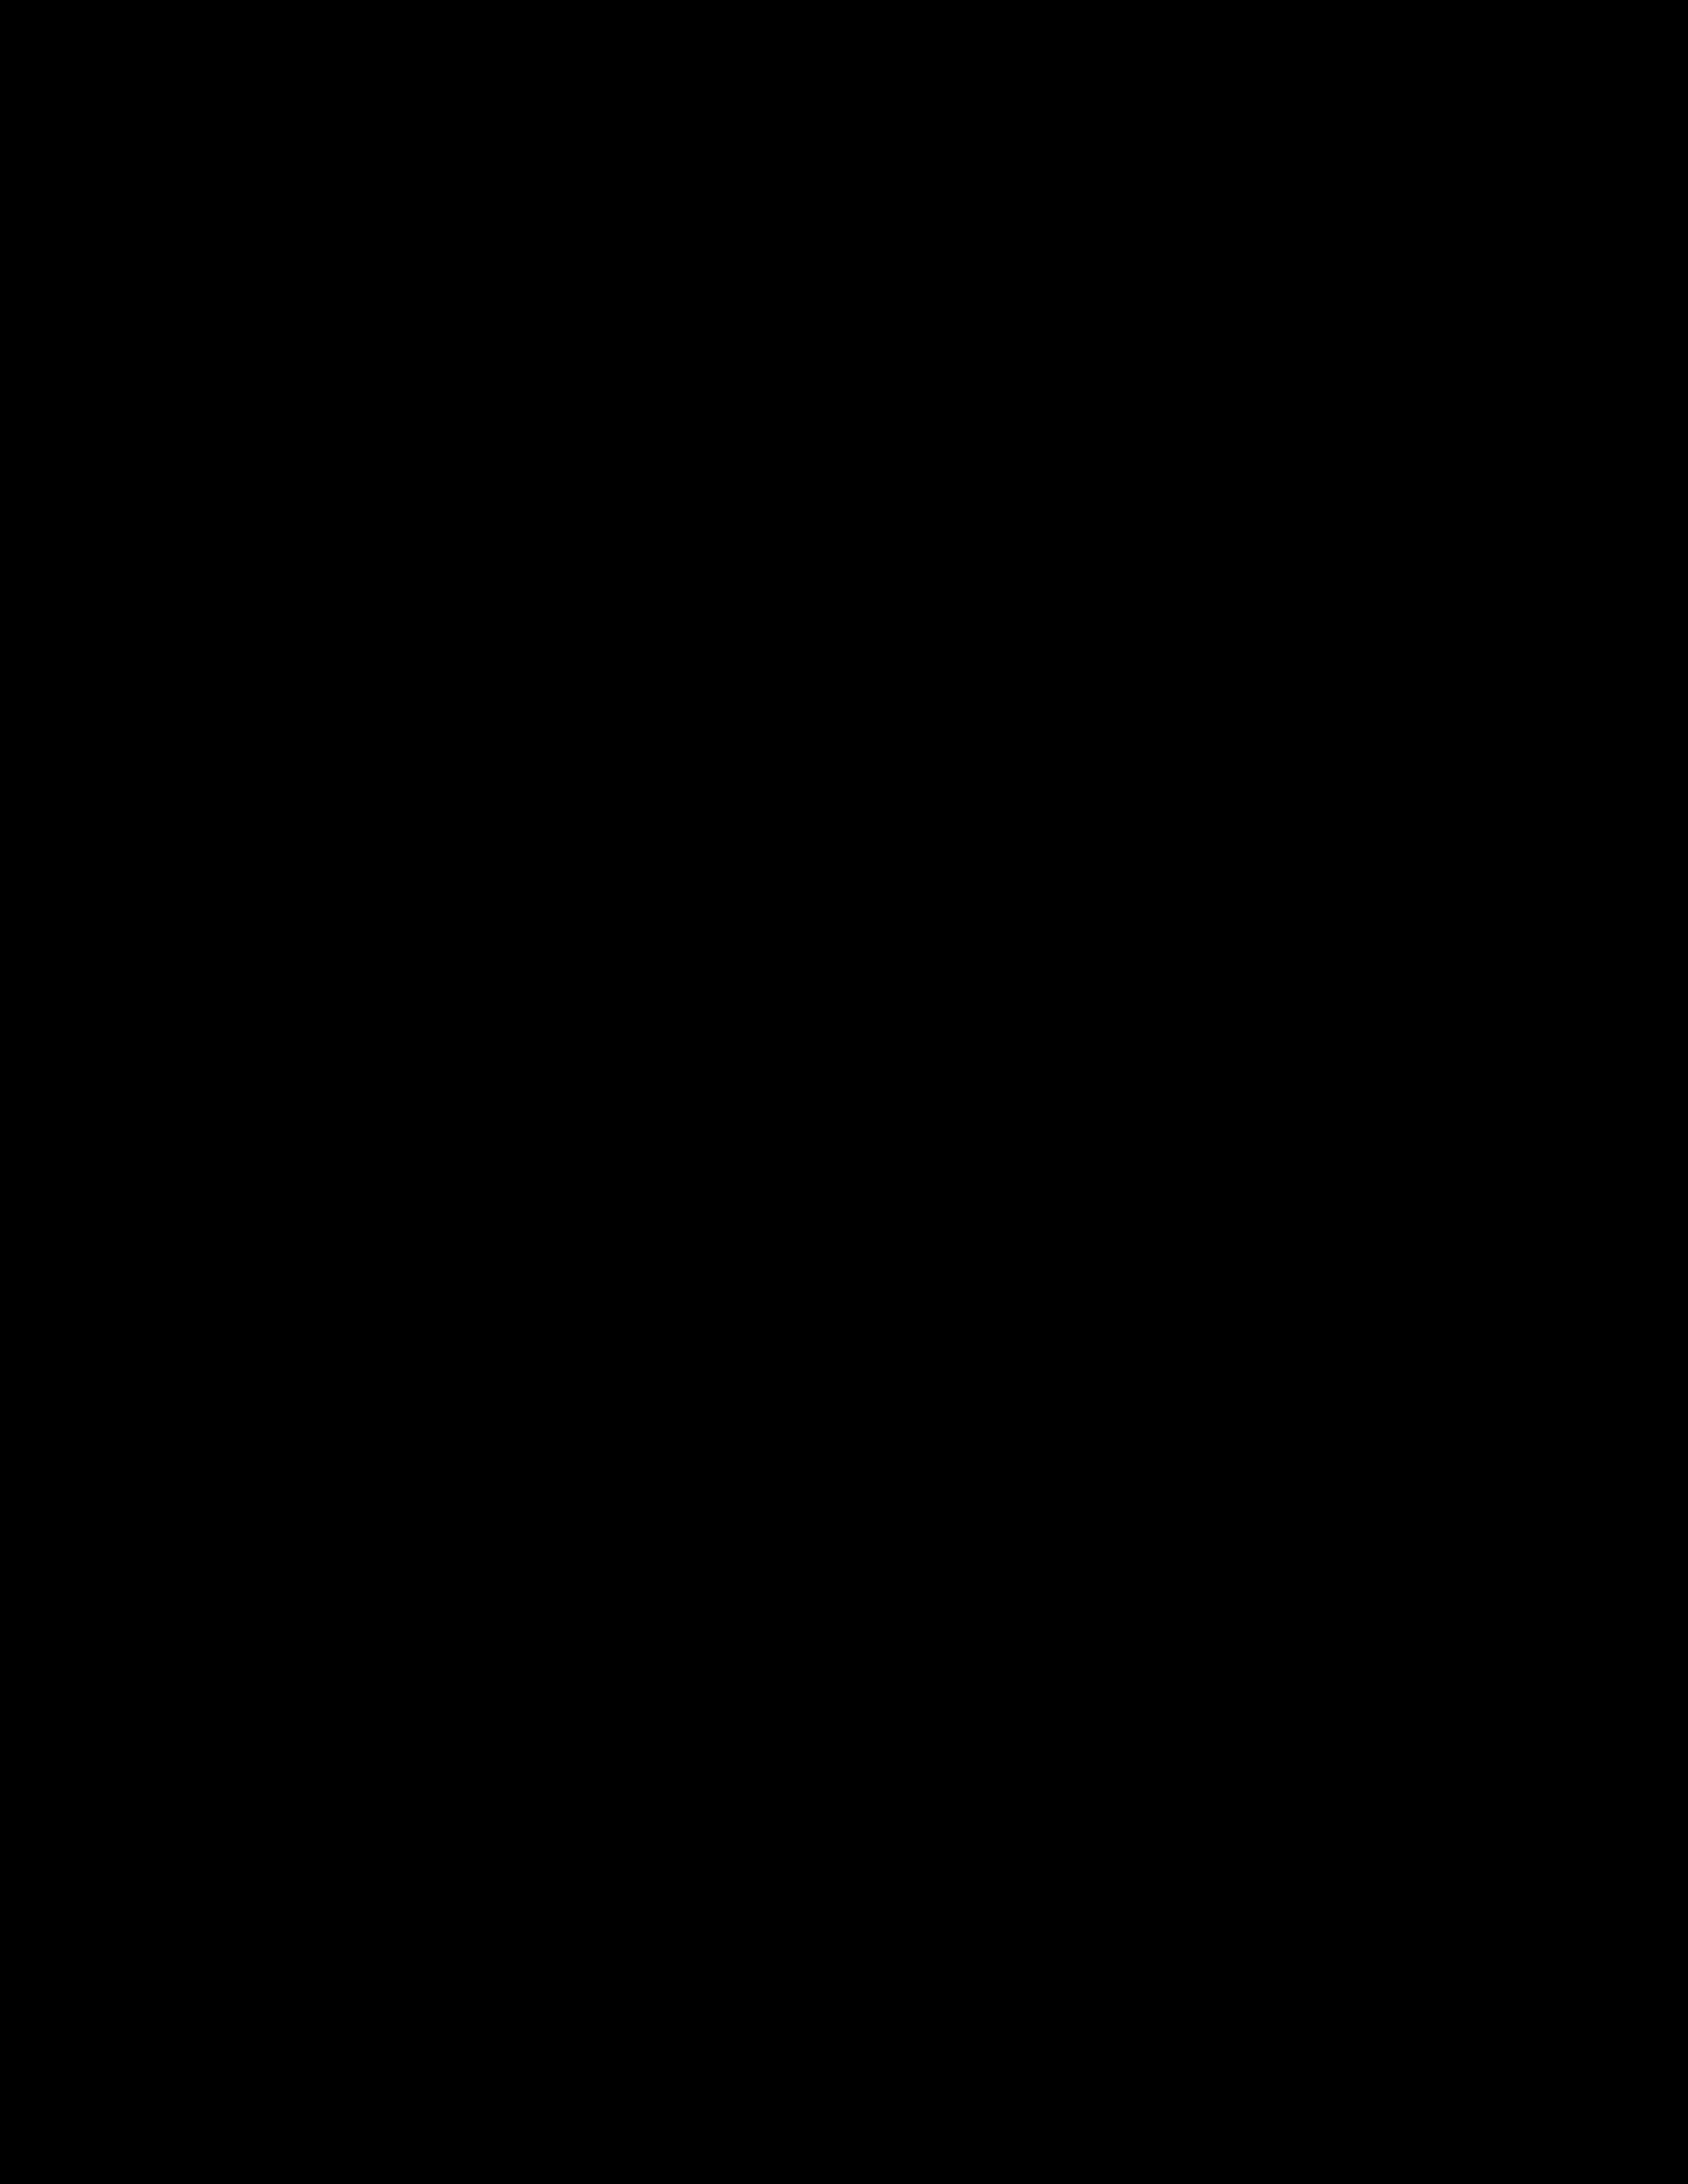 Pi math symbol big. See clipart coloring page